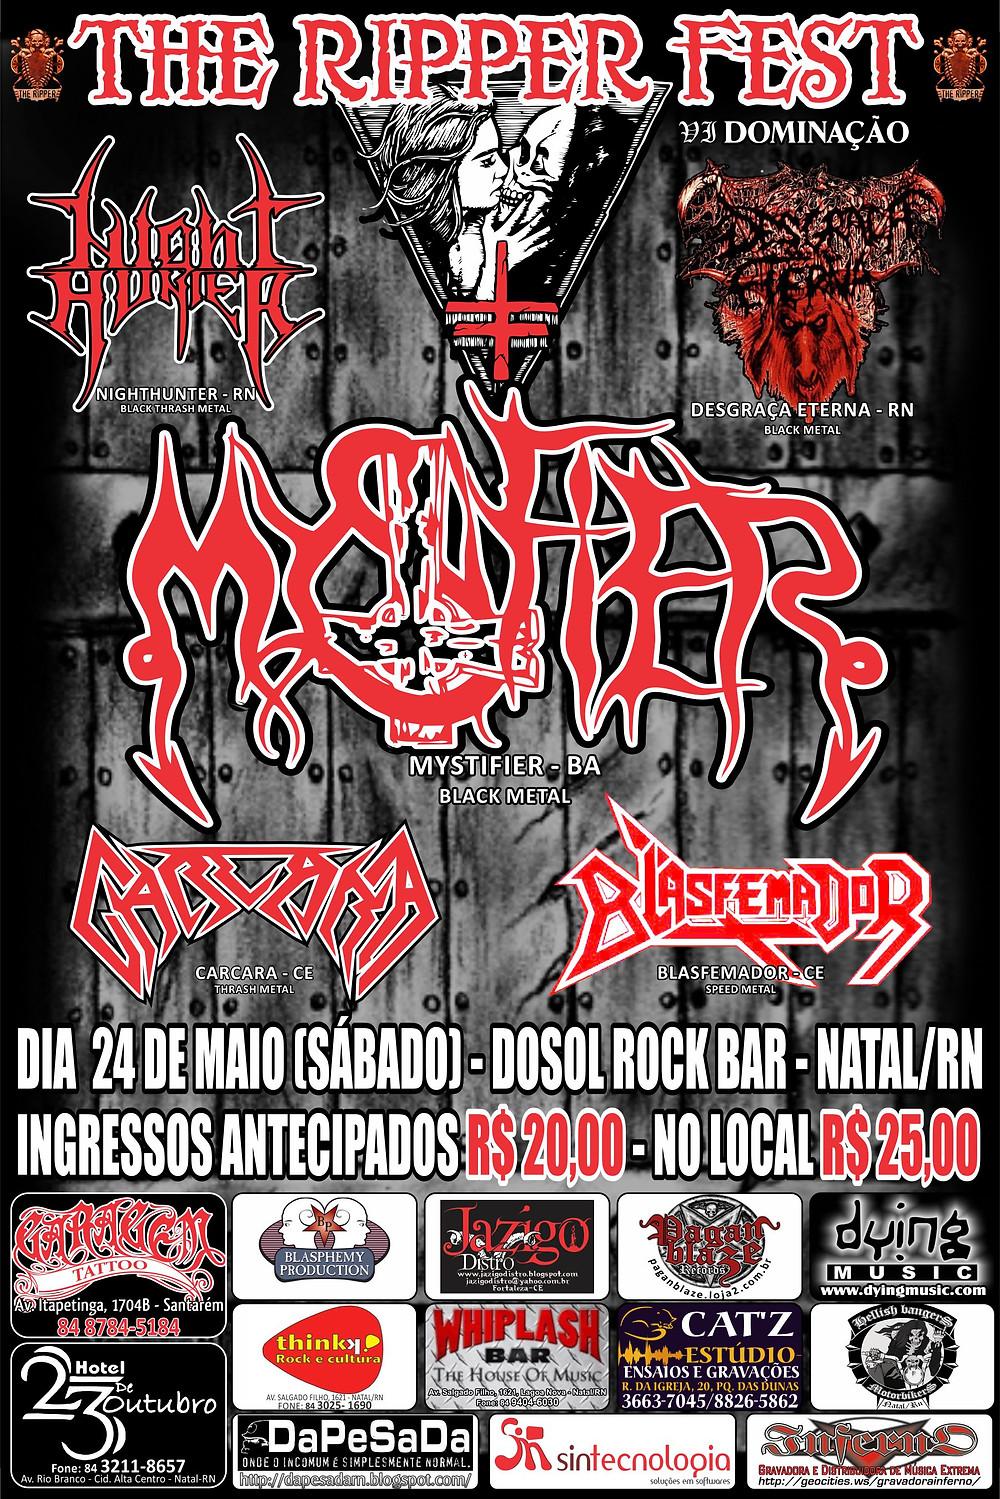 20140524 - The Ripper Fest.jpg